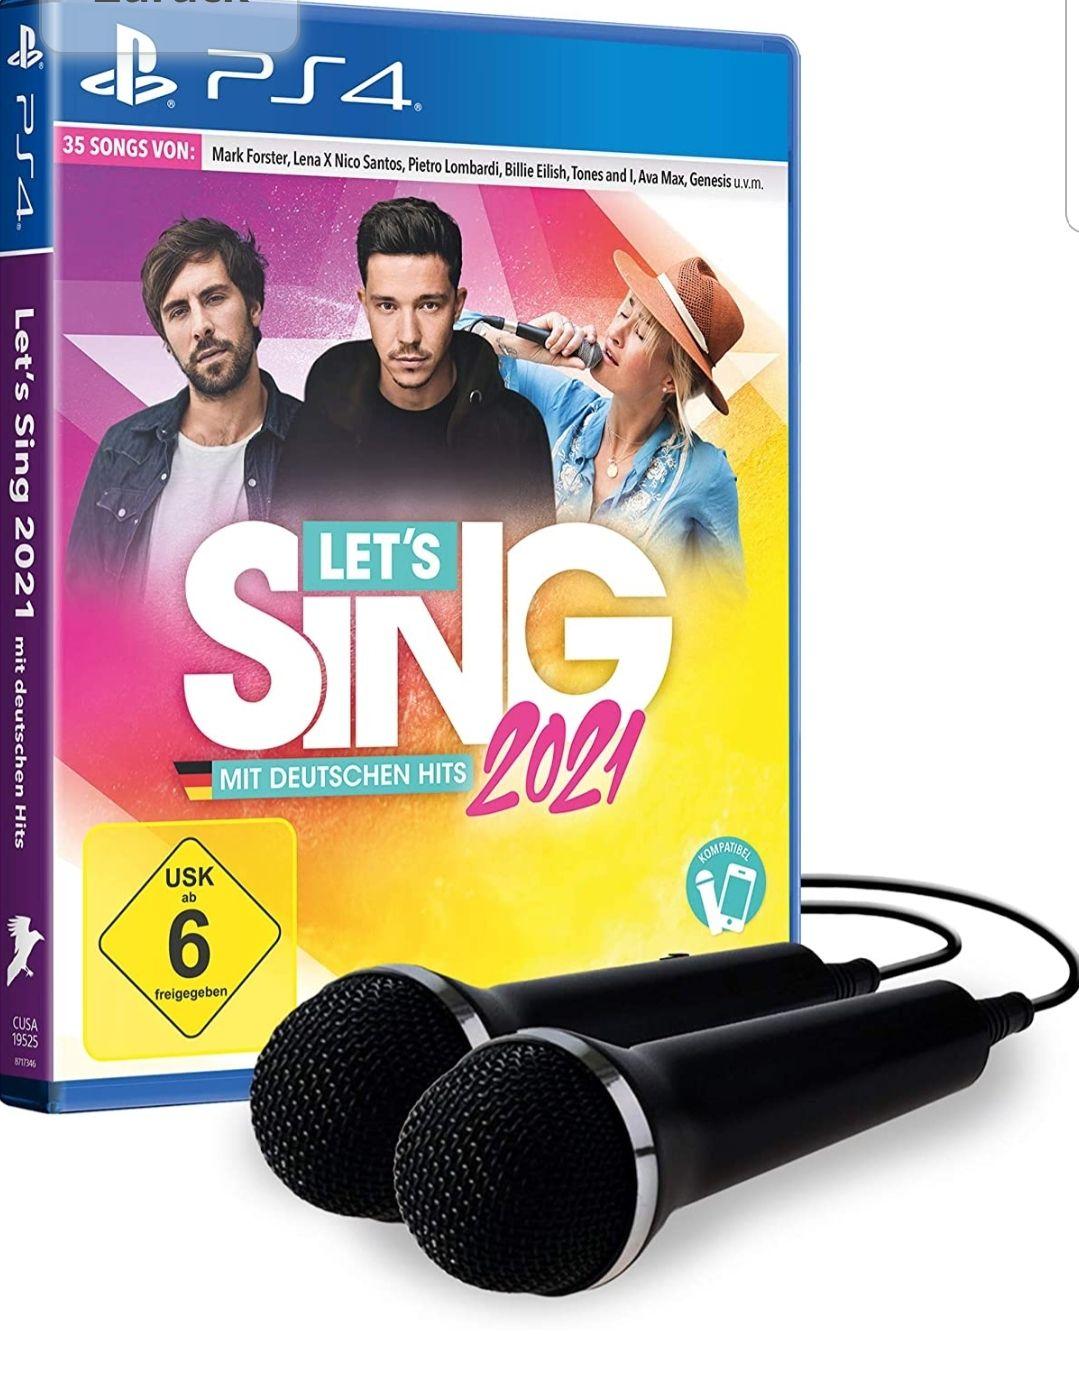 Let's Sing 2021 mit deutschen Hits [+ 2 Mics] (Playstation 4)